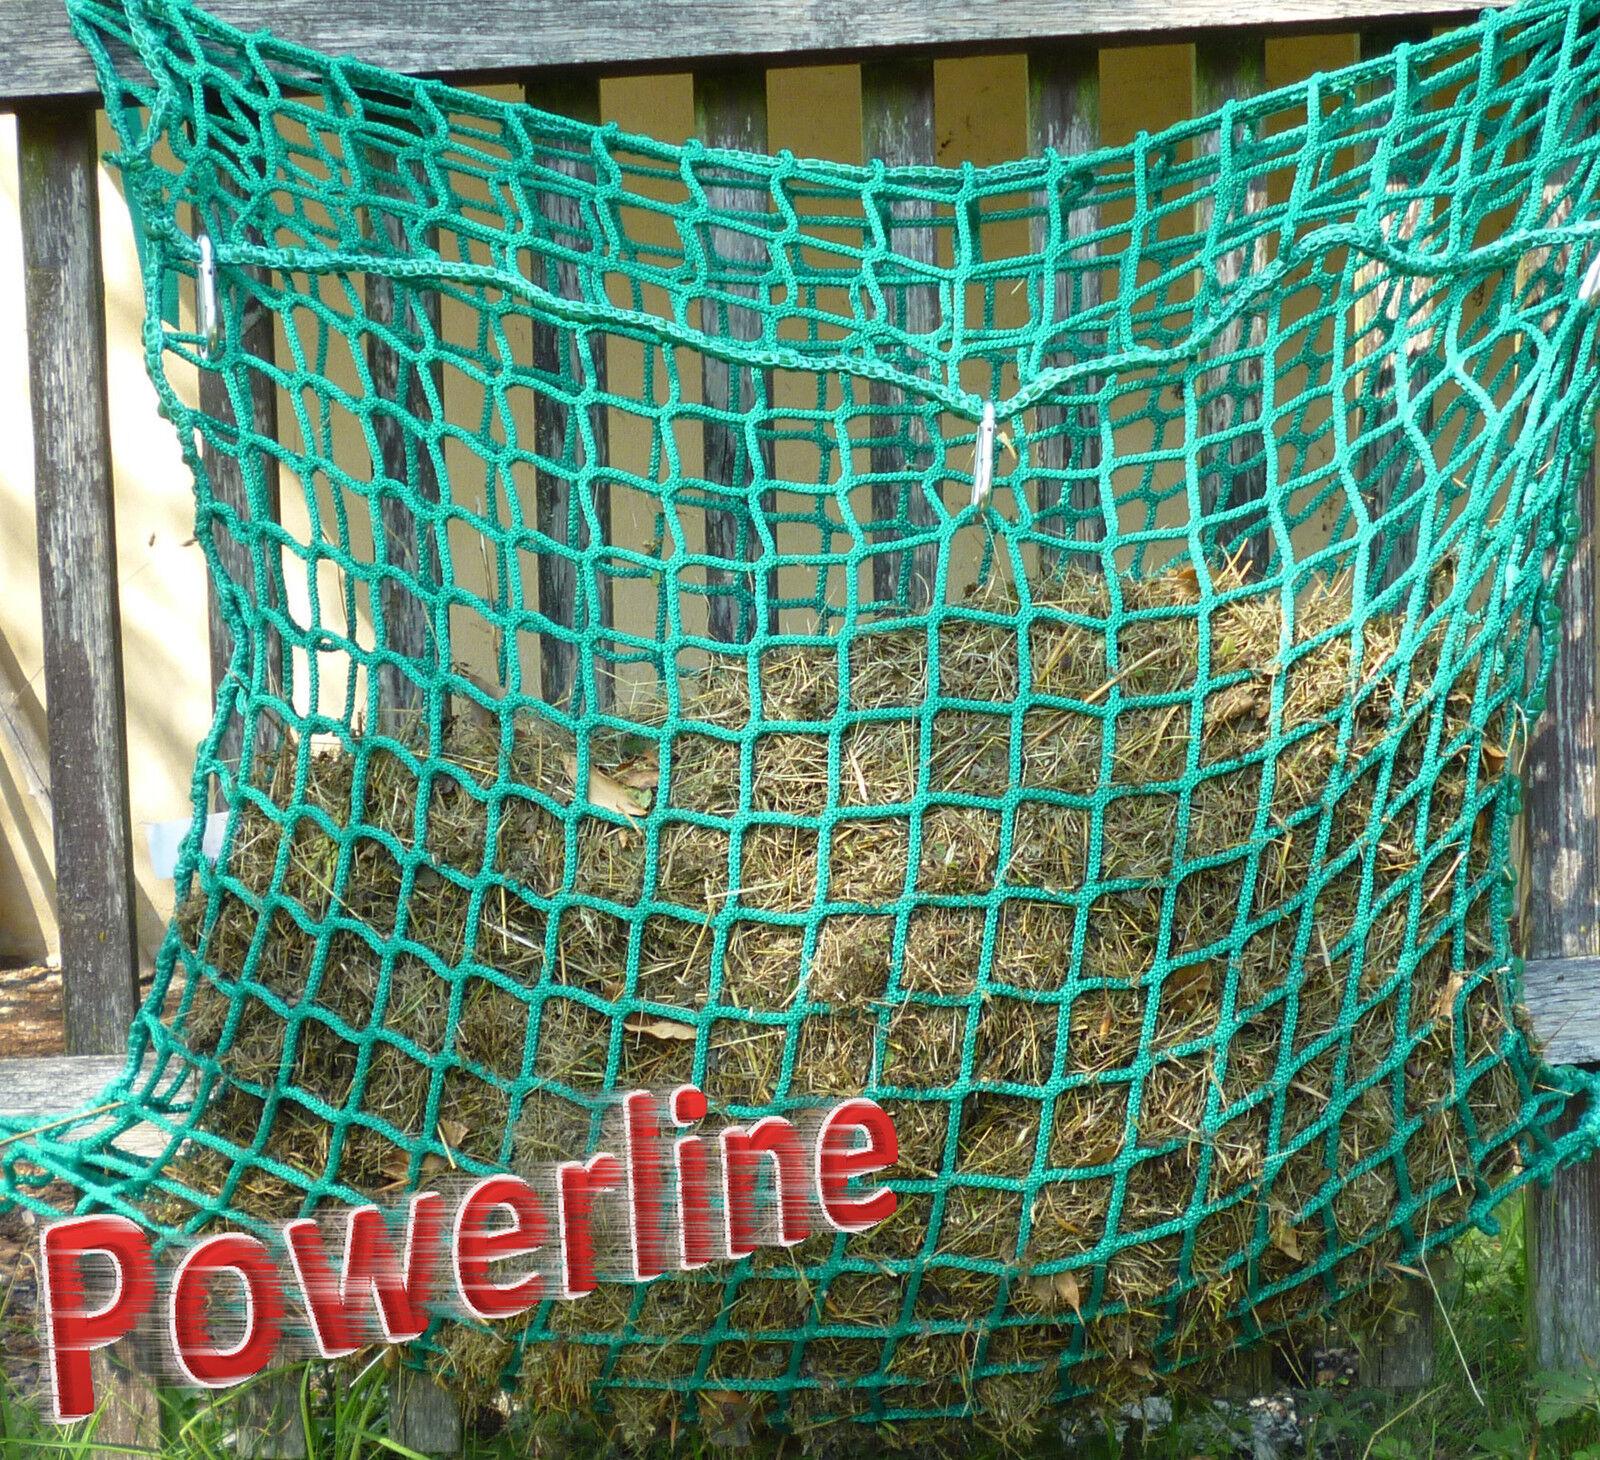 Powerline Taschen Großraumheunetz 1,0m breit, MW 3,5cm, zum Befüllen, Heunetz